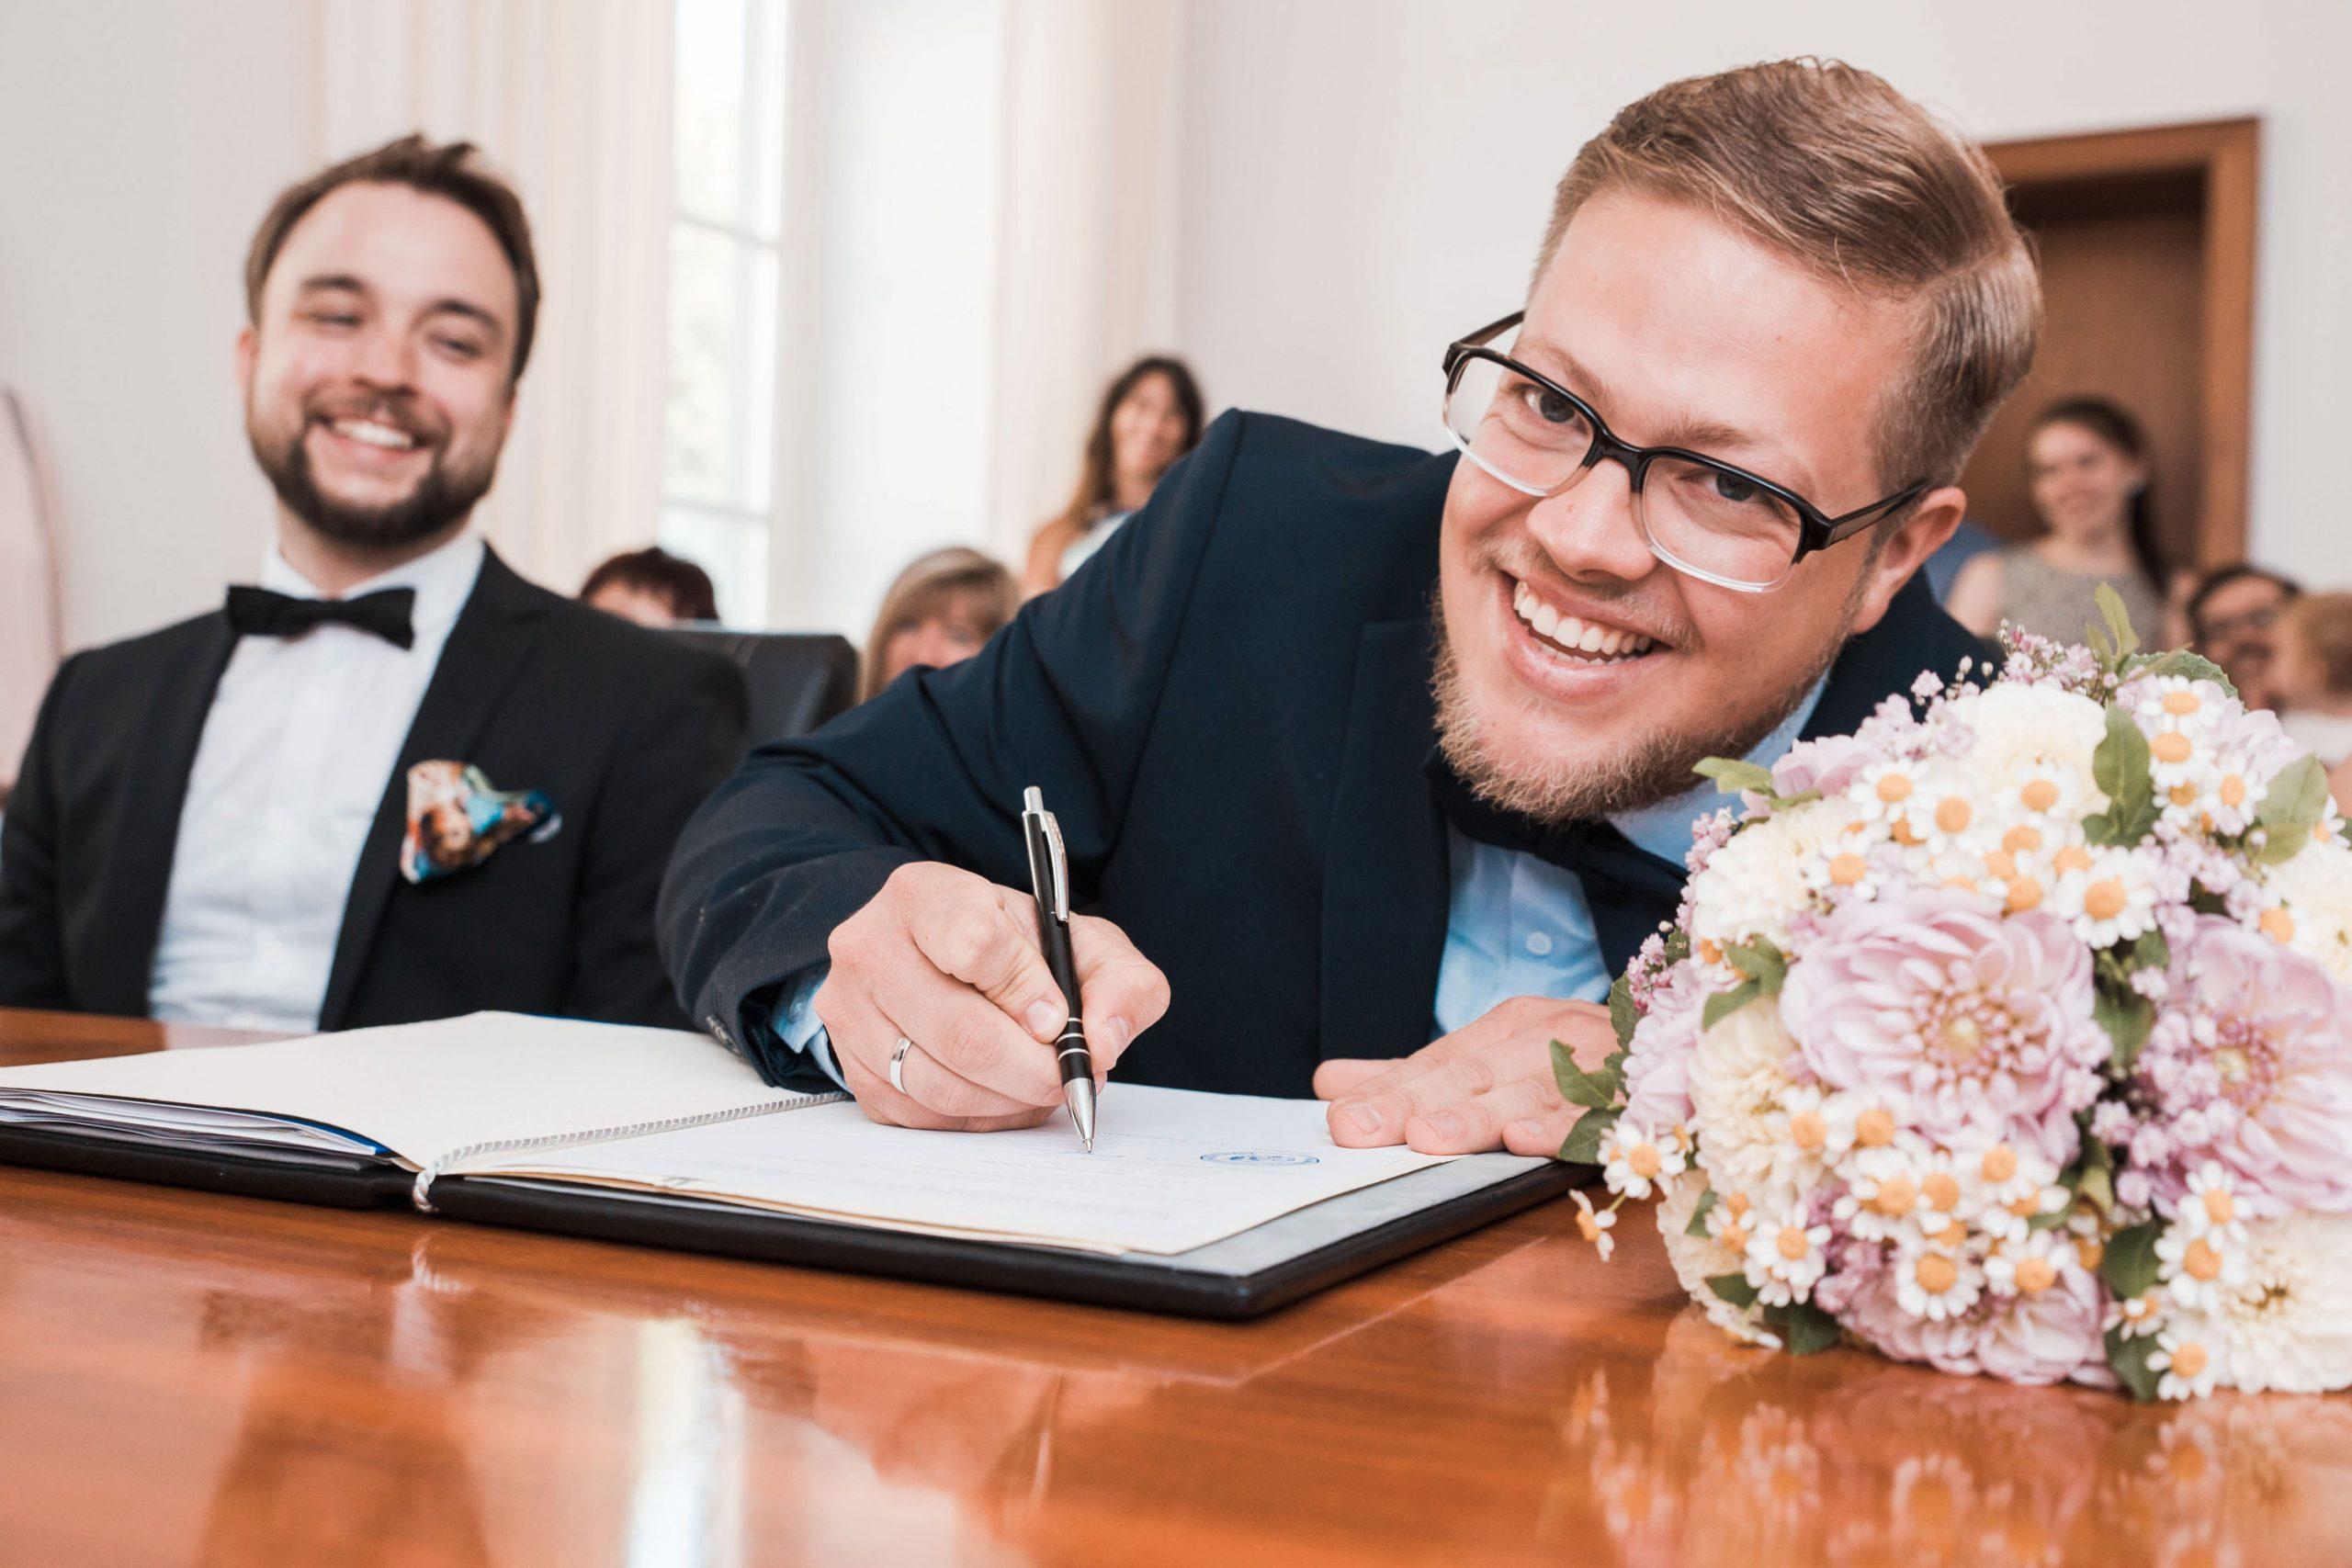 Hochzeitsfoto vom Bräutigam während der standesamtlichen Zeremonie. Bräutigam unterschreibt seine Heiratsurkunde Und Blick glücklich in die Kamera. Kreatives Hochzeitsbild eines professionellen Hochzeitsfotografen.